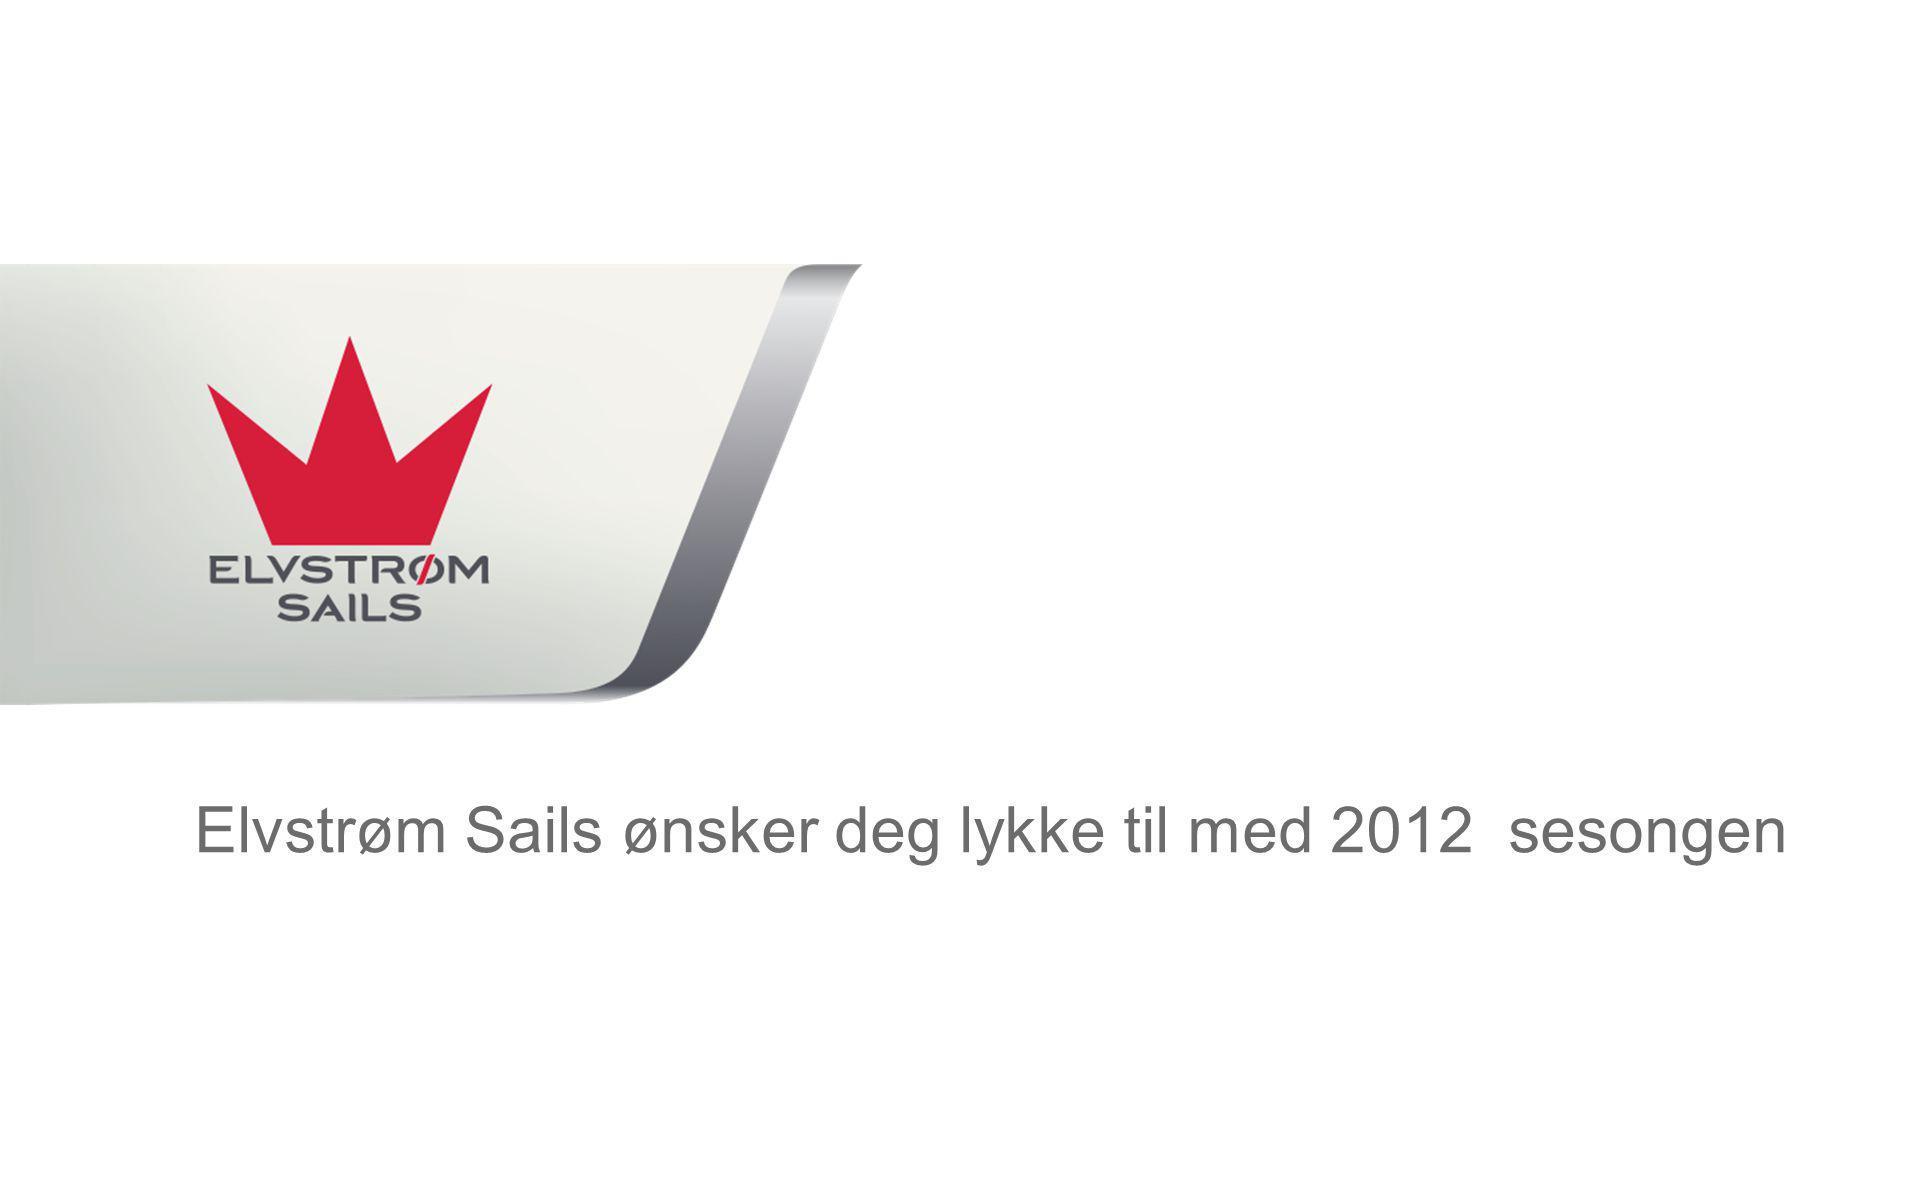 Elvstrøm Sails ønsker deg lykke til med 2012 sesongen